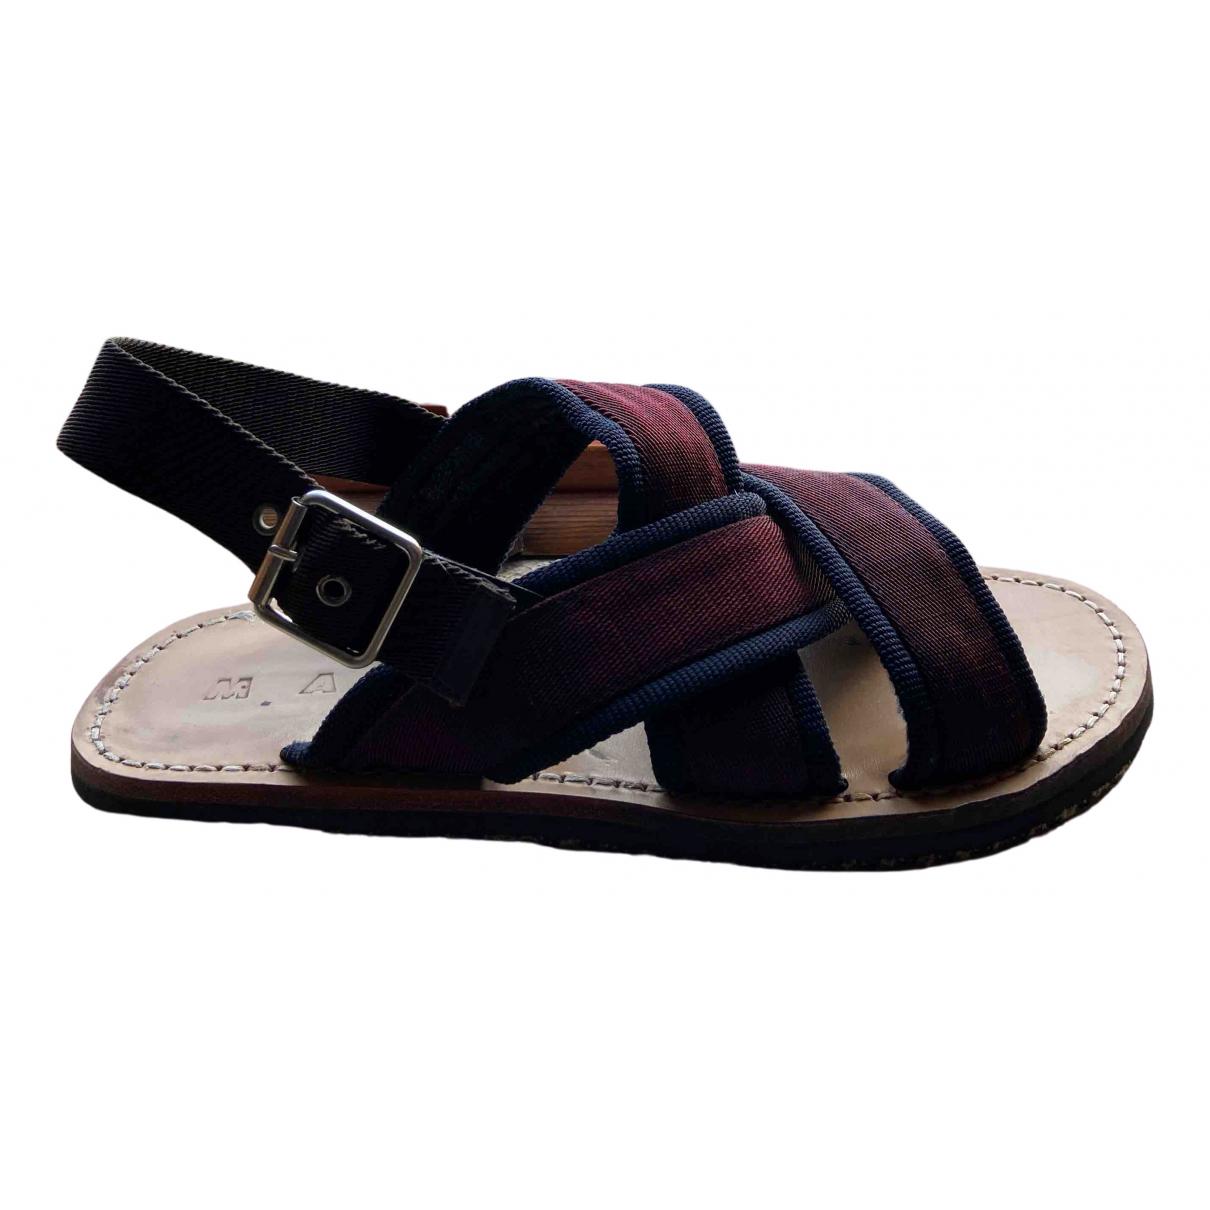 Sandalias de Lona Marni